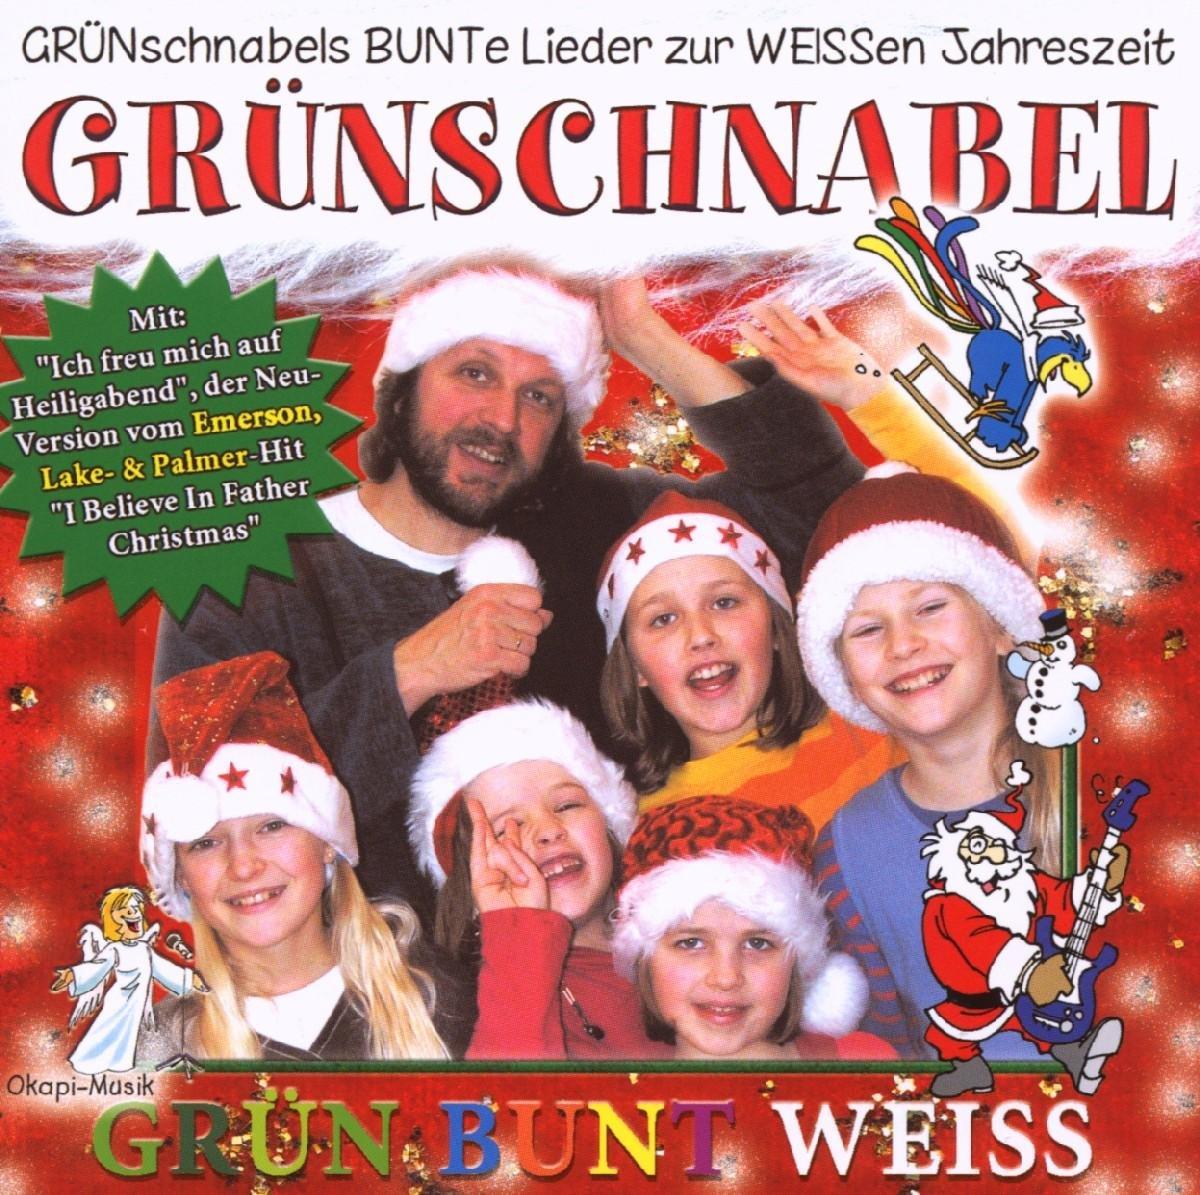 Grün-Bunt-Weiss - Grünschnabel, Burghardt Wegner: Amazon.de: Musik